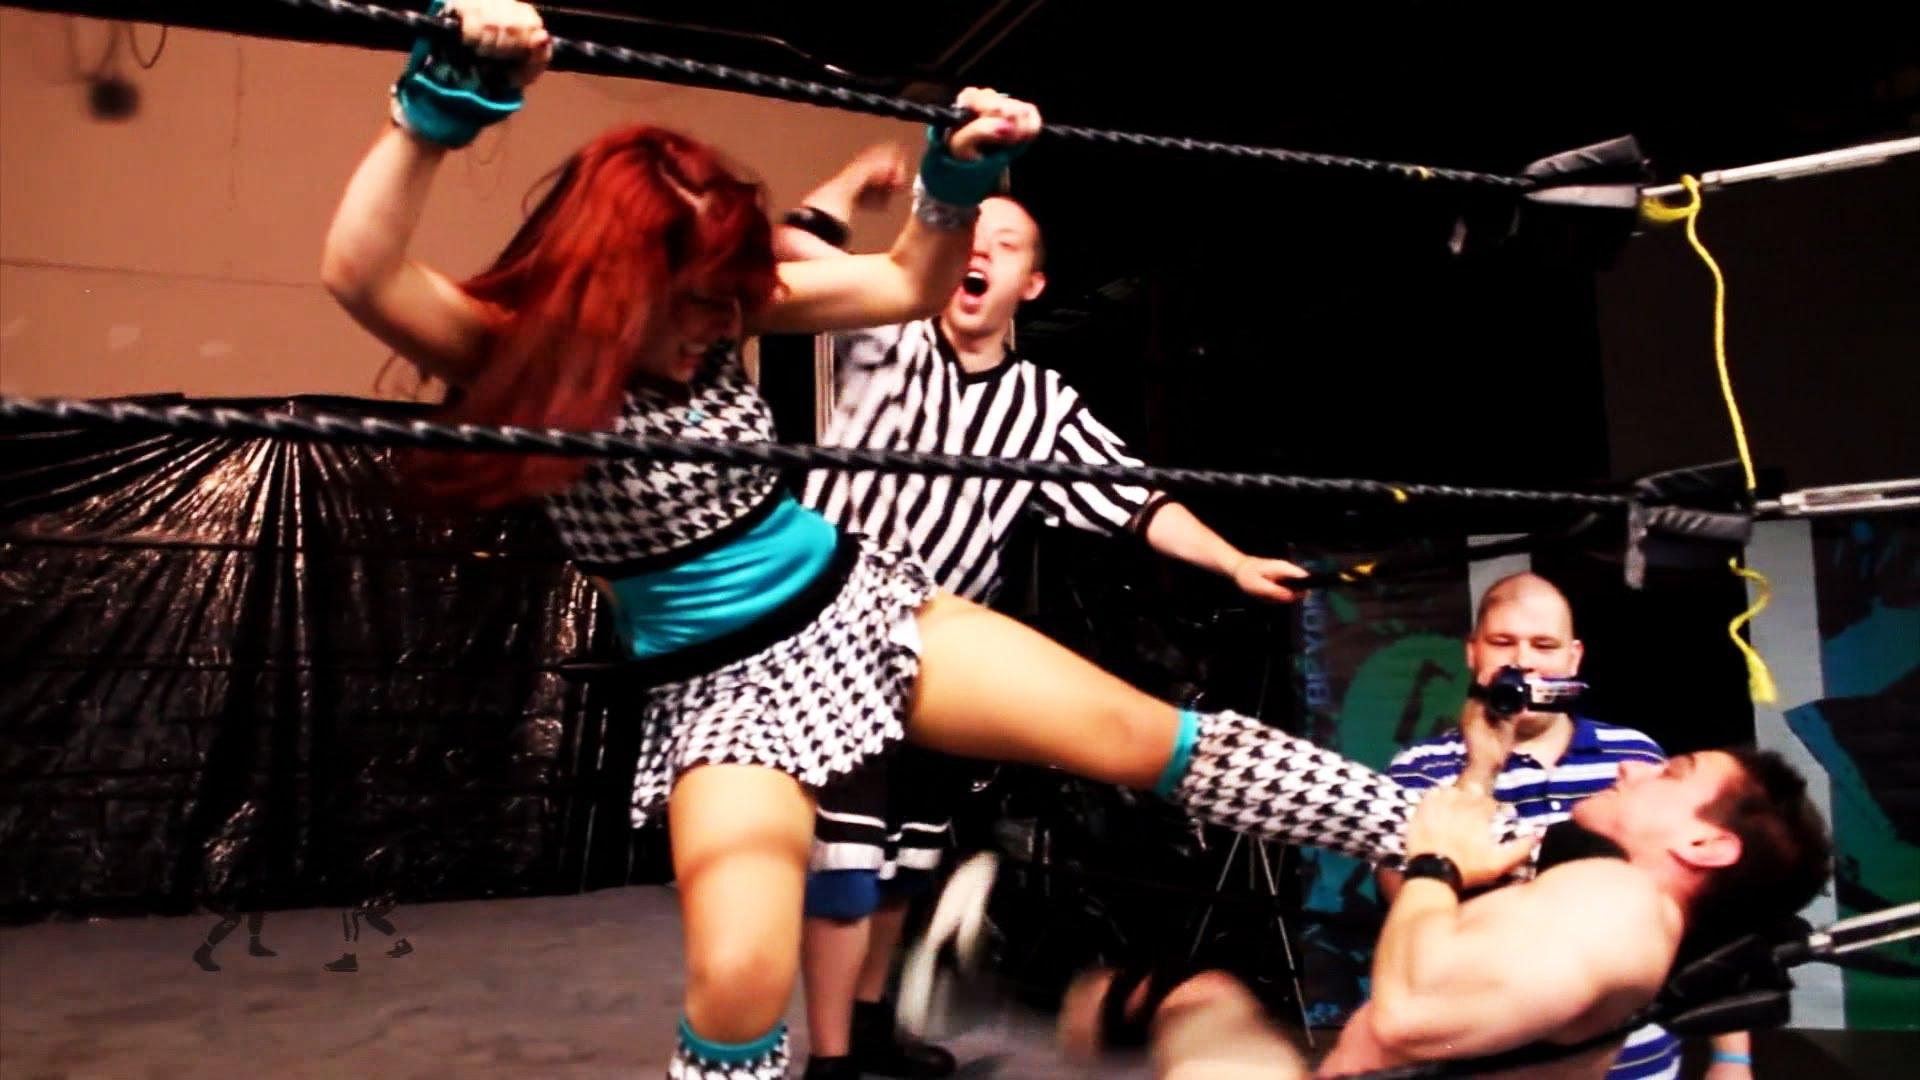 veda-scott-intergender-wrestling